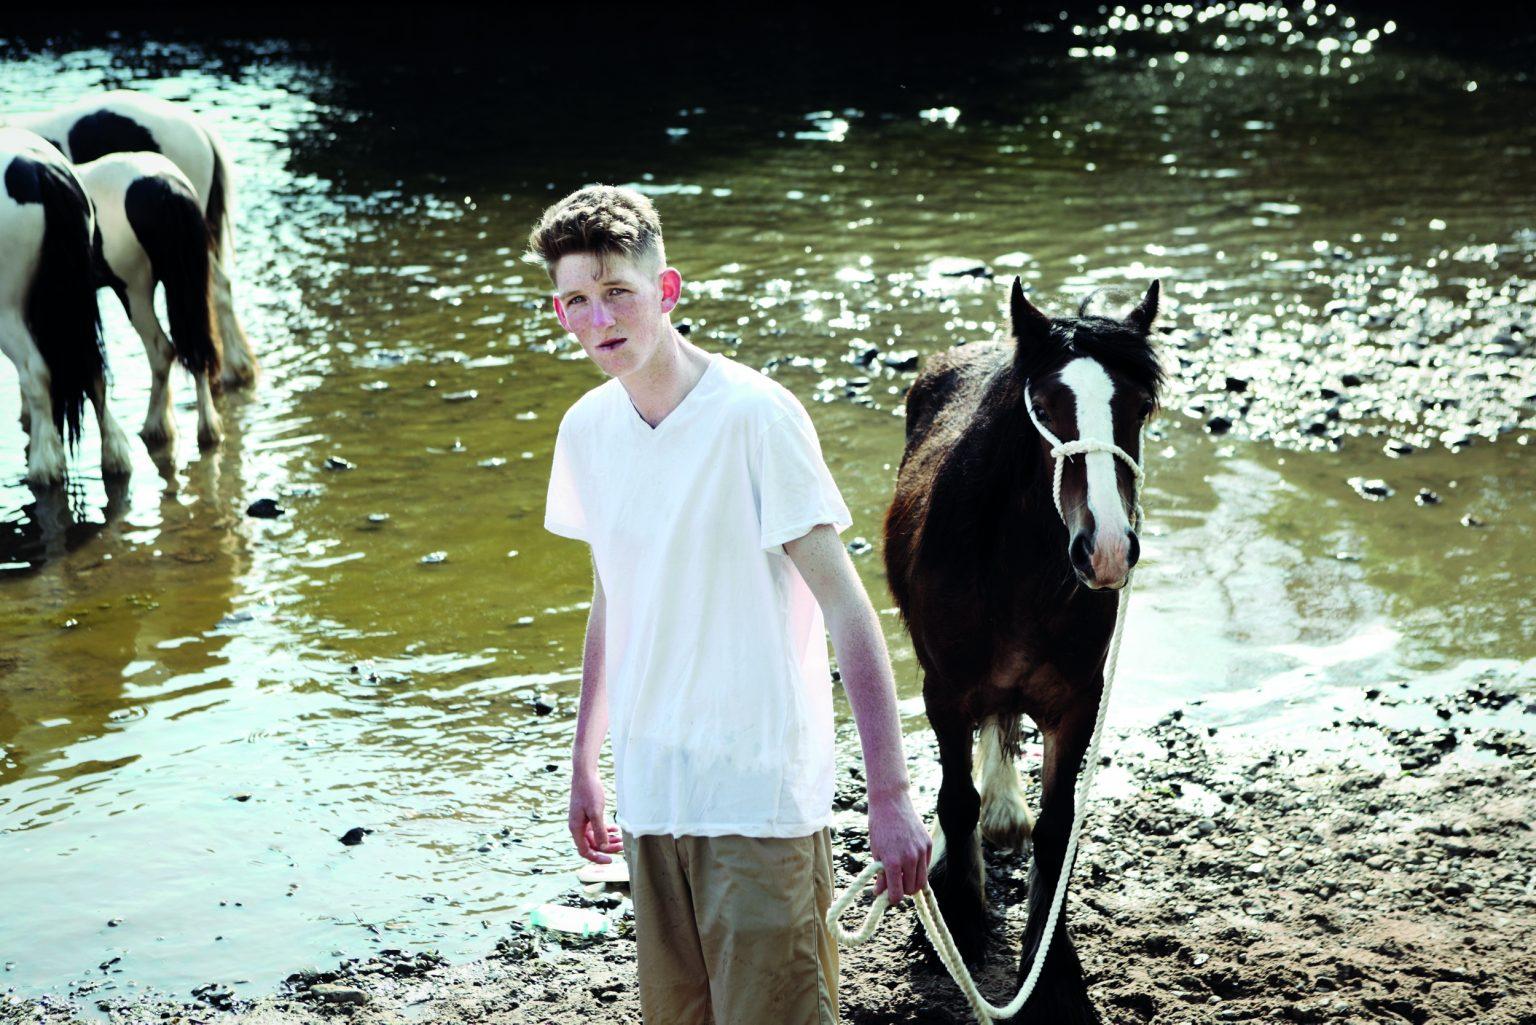 Appleby, United Kingdom, June 2013 - Appleby Horse Fair. Jimmy washing his horse before the race. ><  Appleby, Regno Unito, giugno 2013 - Appleby Horse Fair. Jimmy lava il suo cavallo prima della gara. *** Local Caption ***